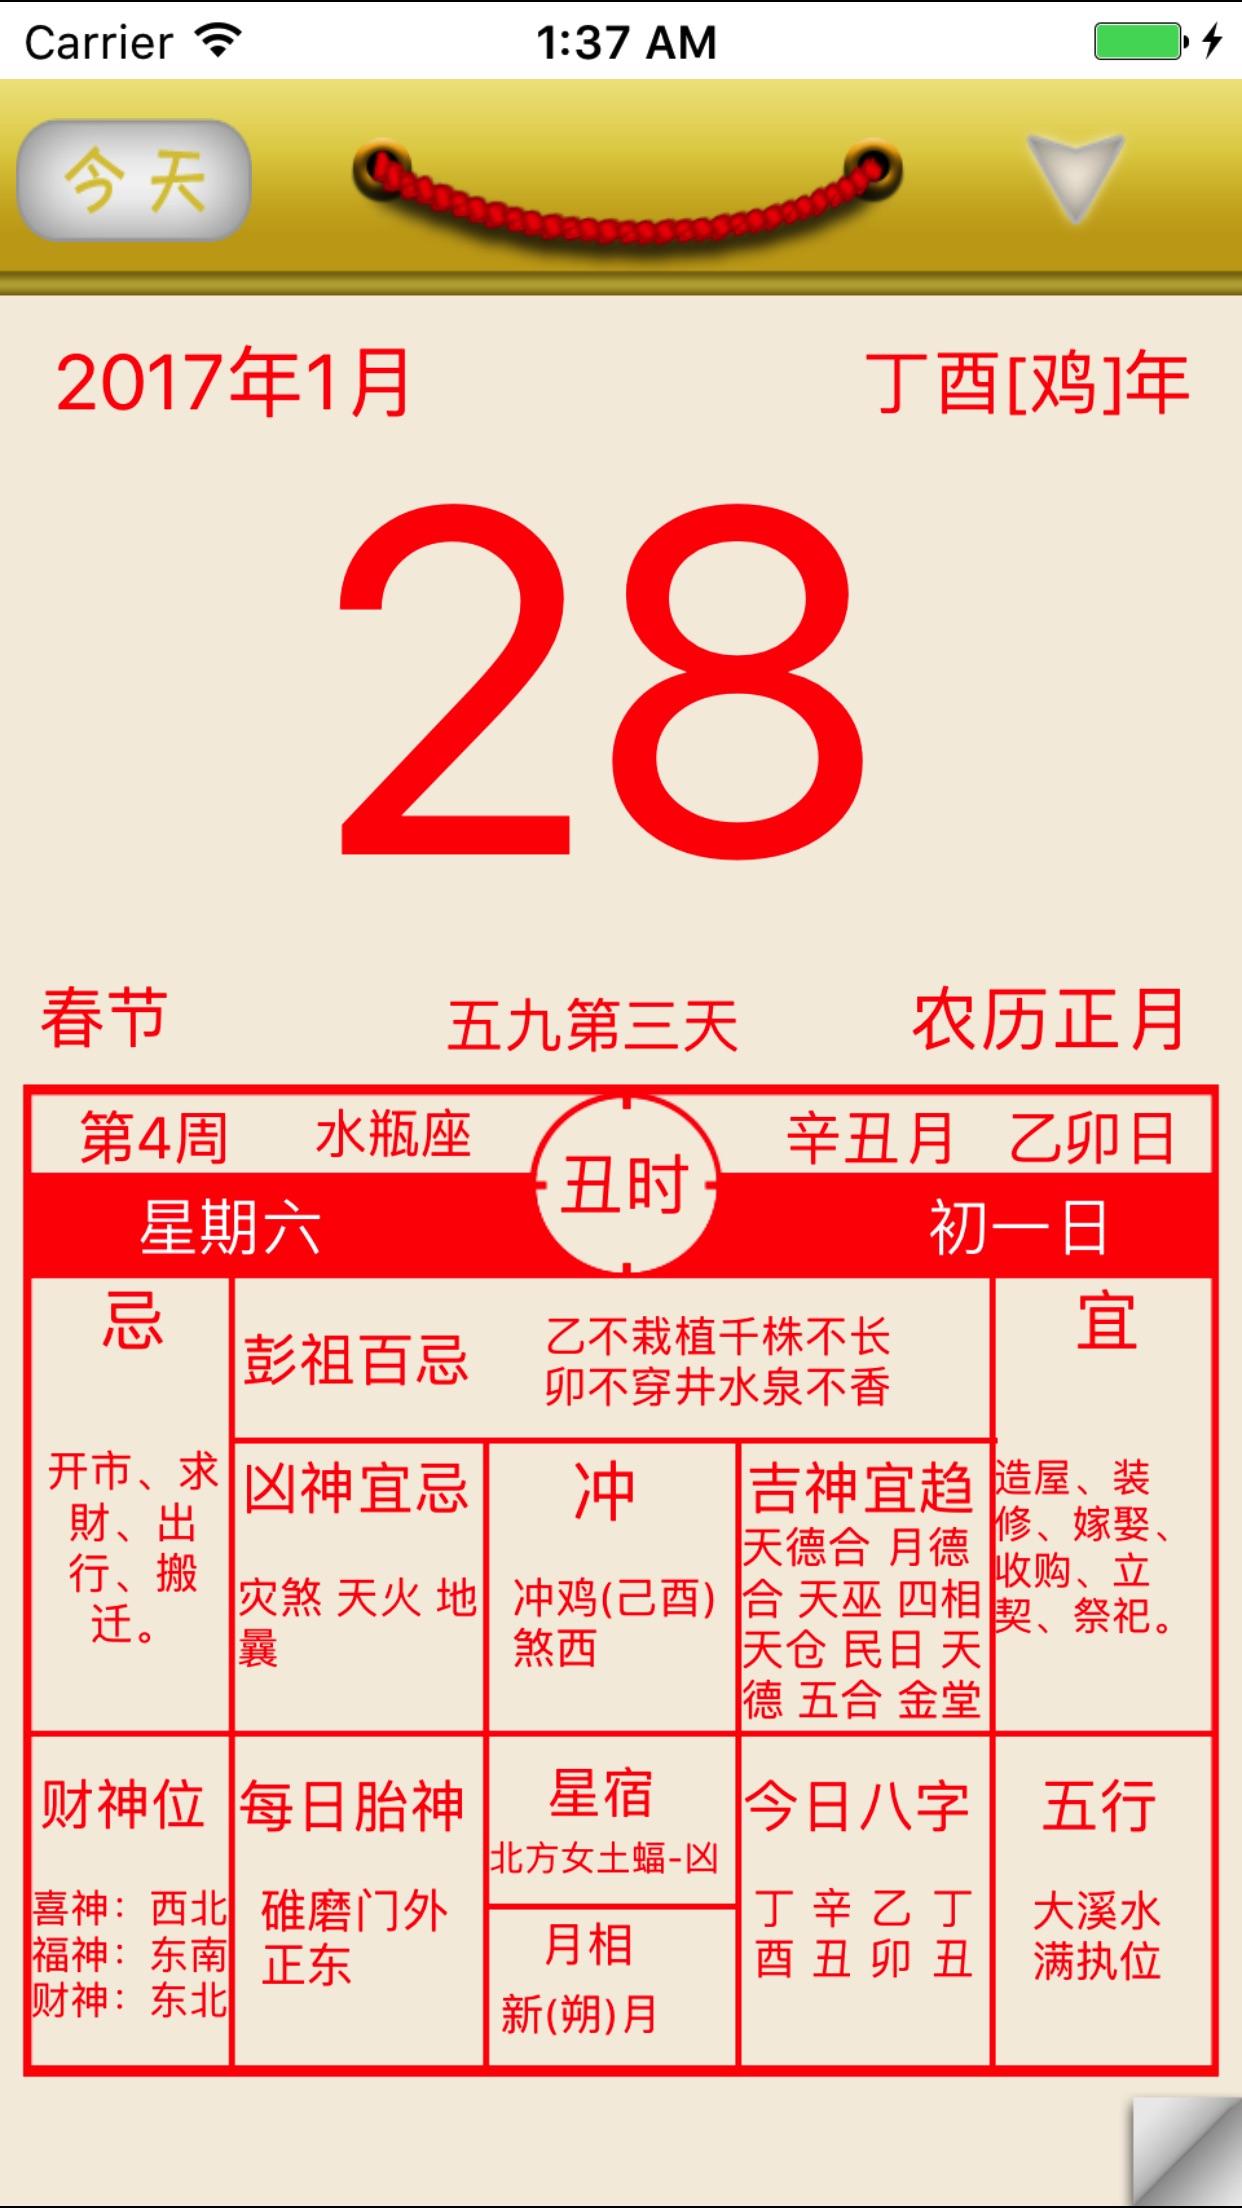 老黄历怀旧版 · 支持万年历日历农历阴历 Screenshot